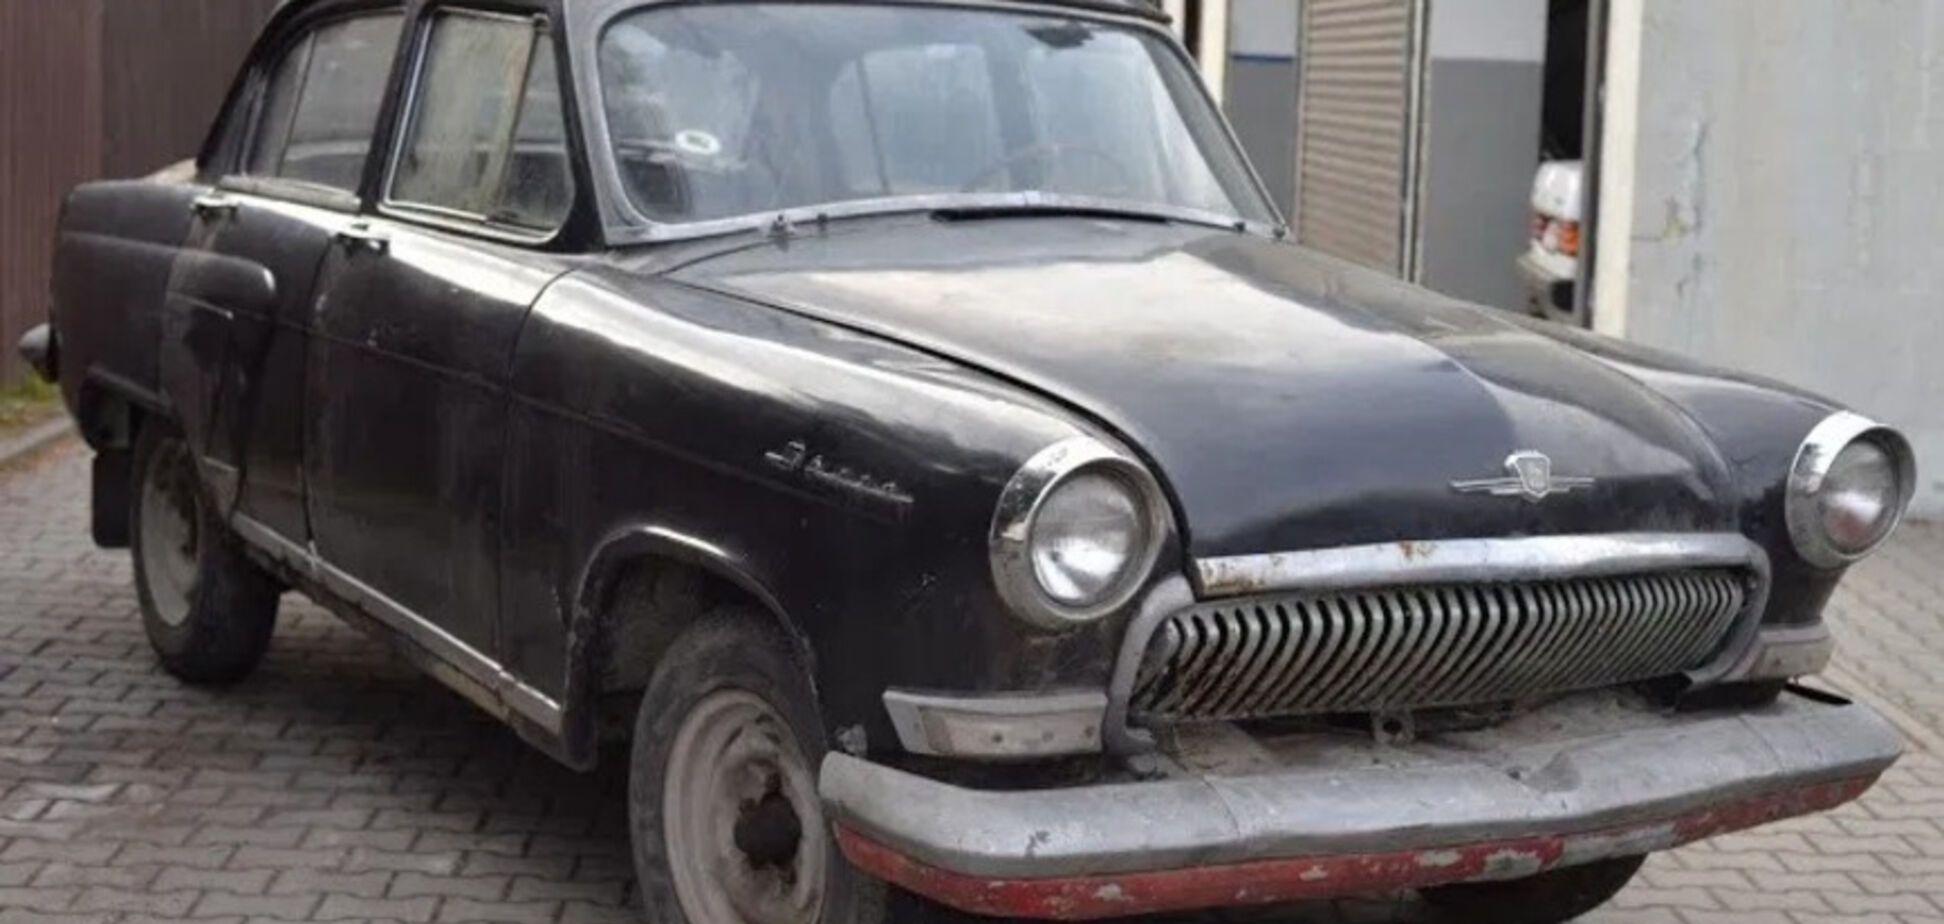 Іржава ГАЗ Волга виявилася ексклюзивним авто для Європи